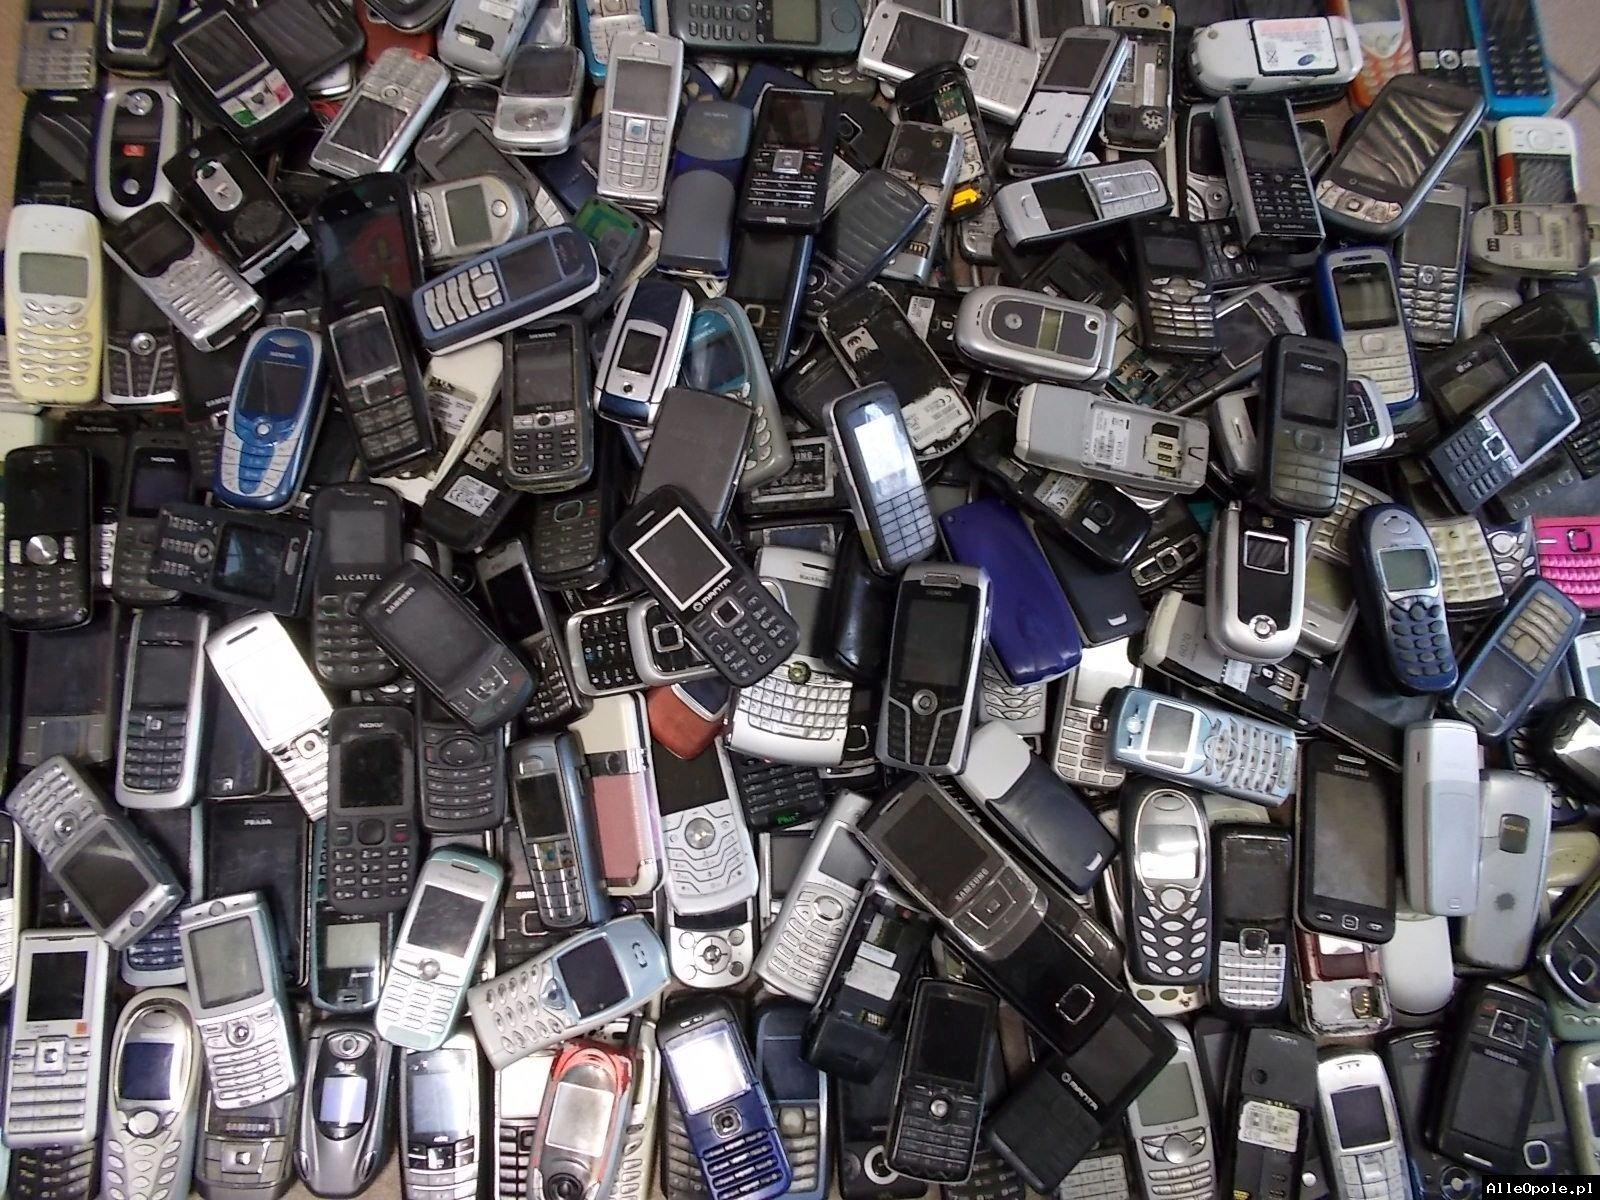 Kupię stare i nowe telefony sprawne i uszkodzone złom telefoniczny - Opole